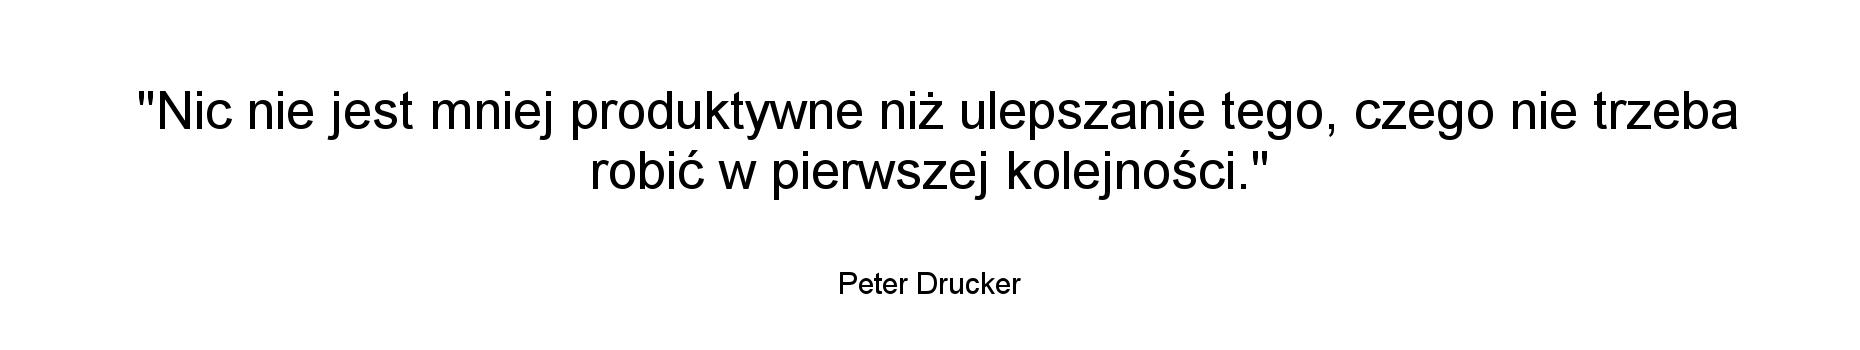 quote41